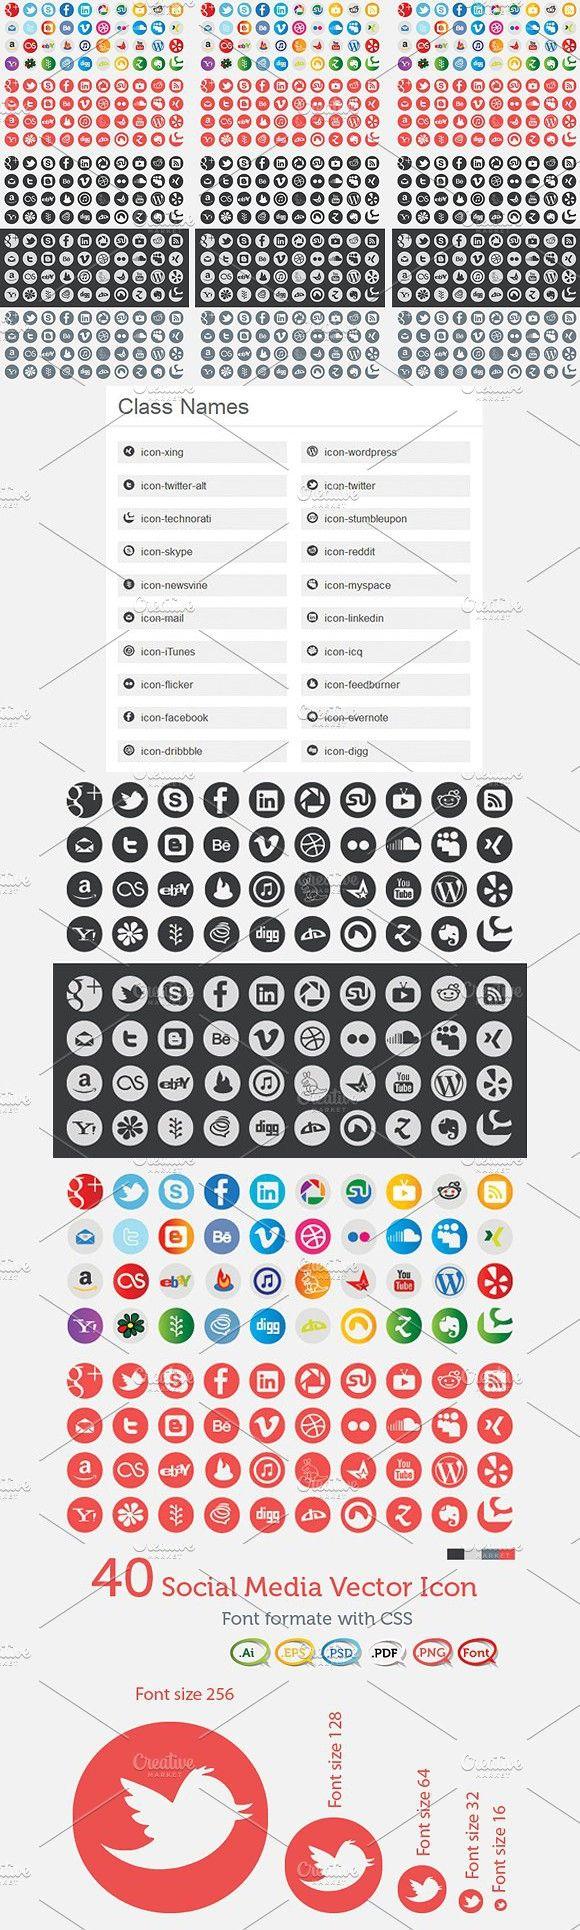 Social Icons Social icons, Icon, Social